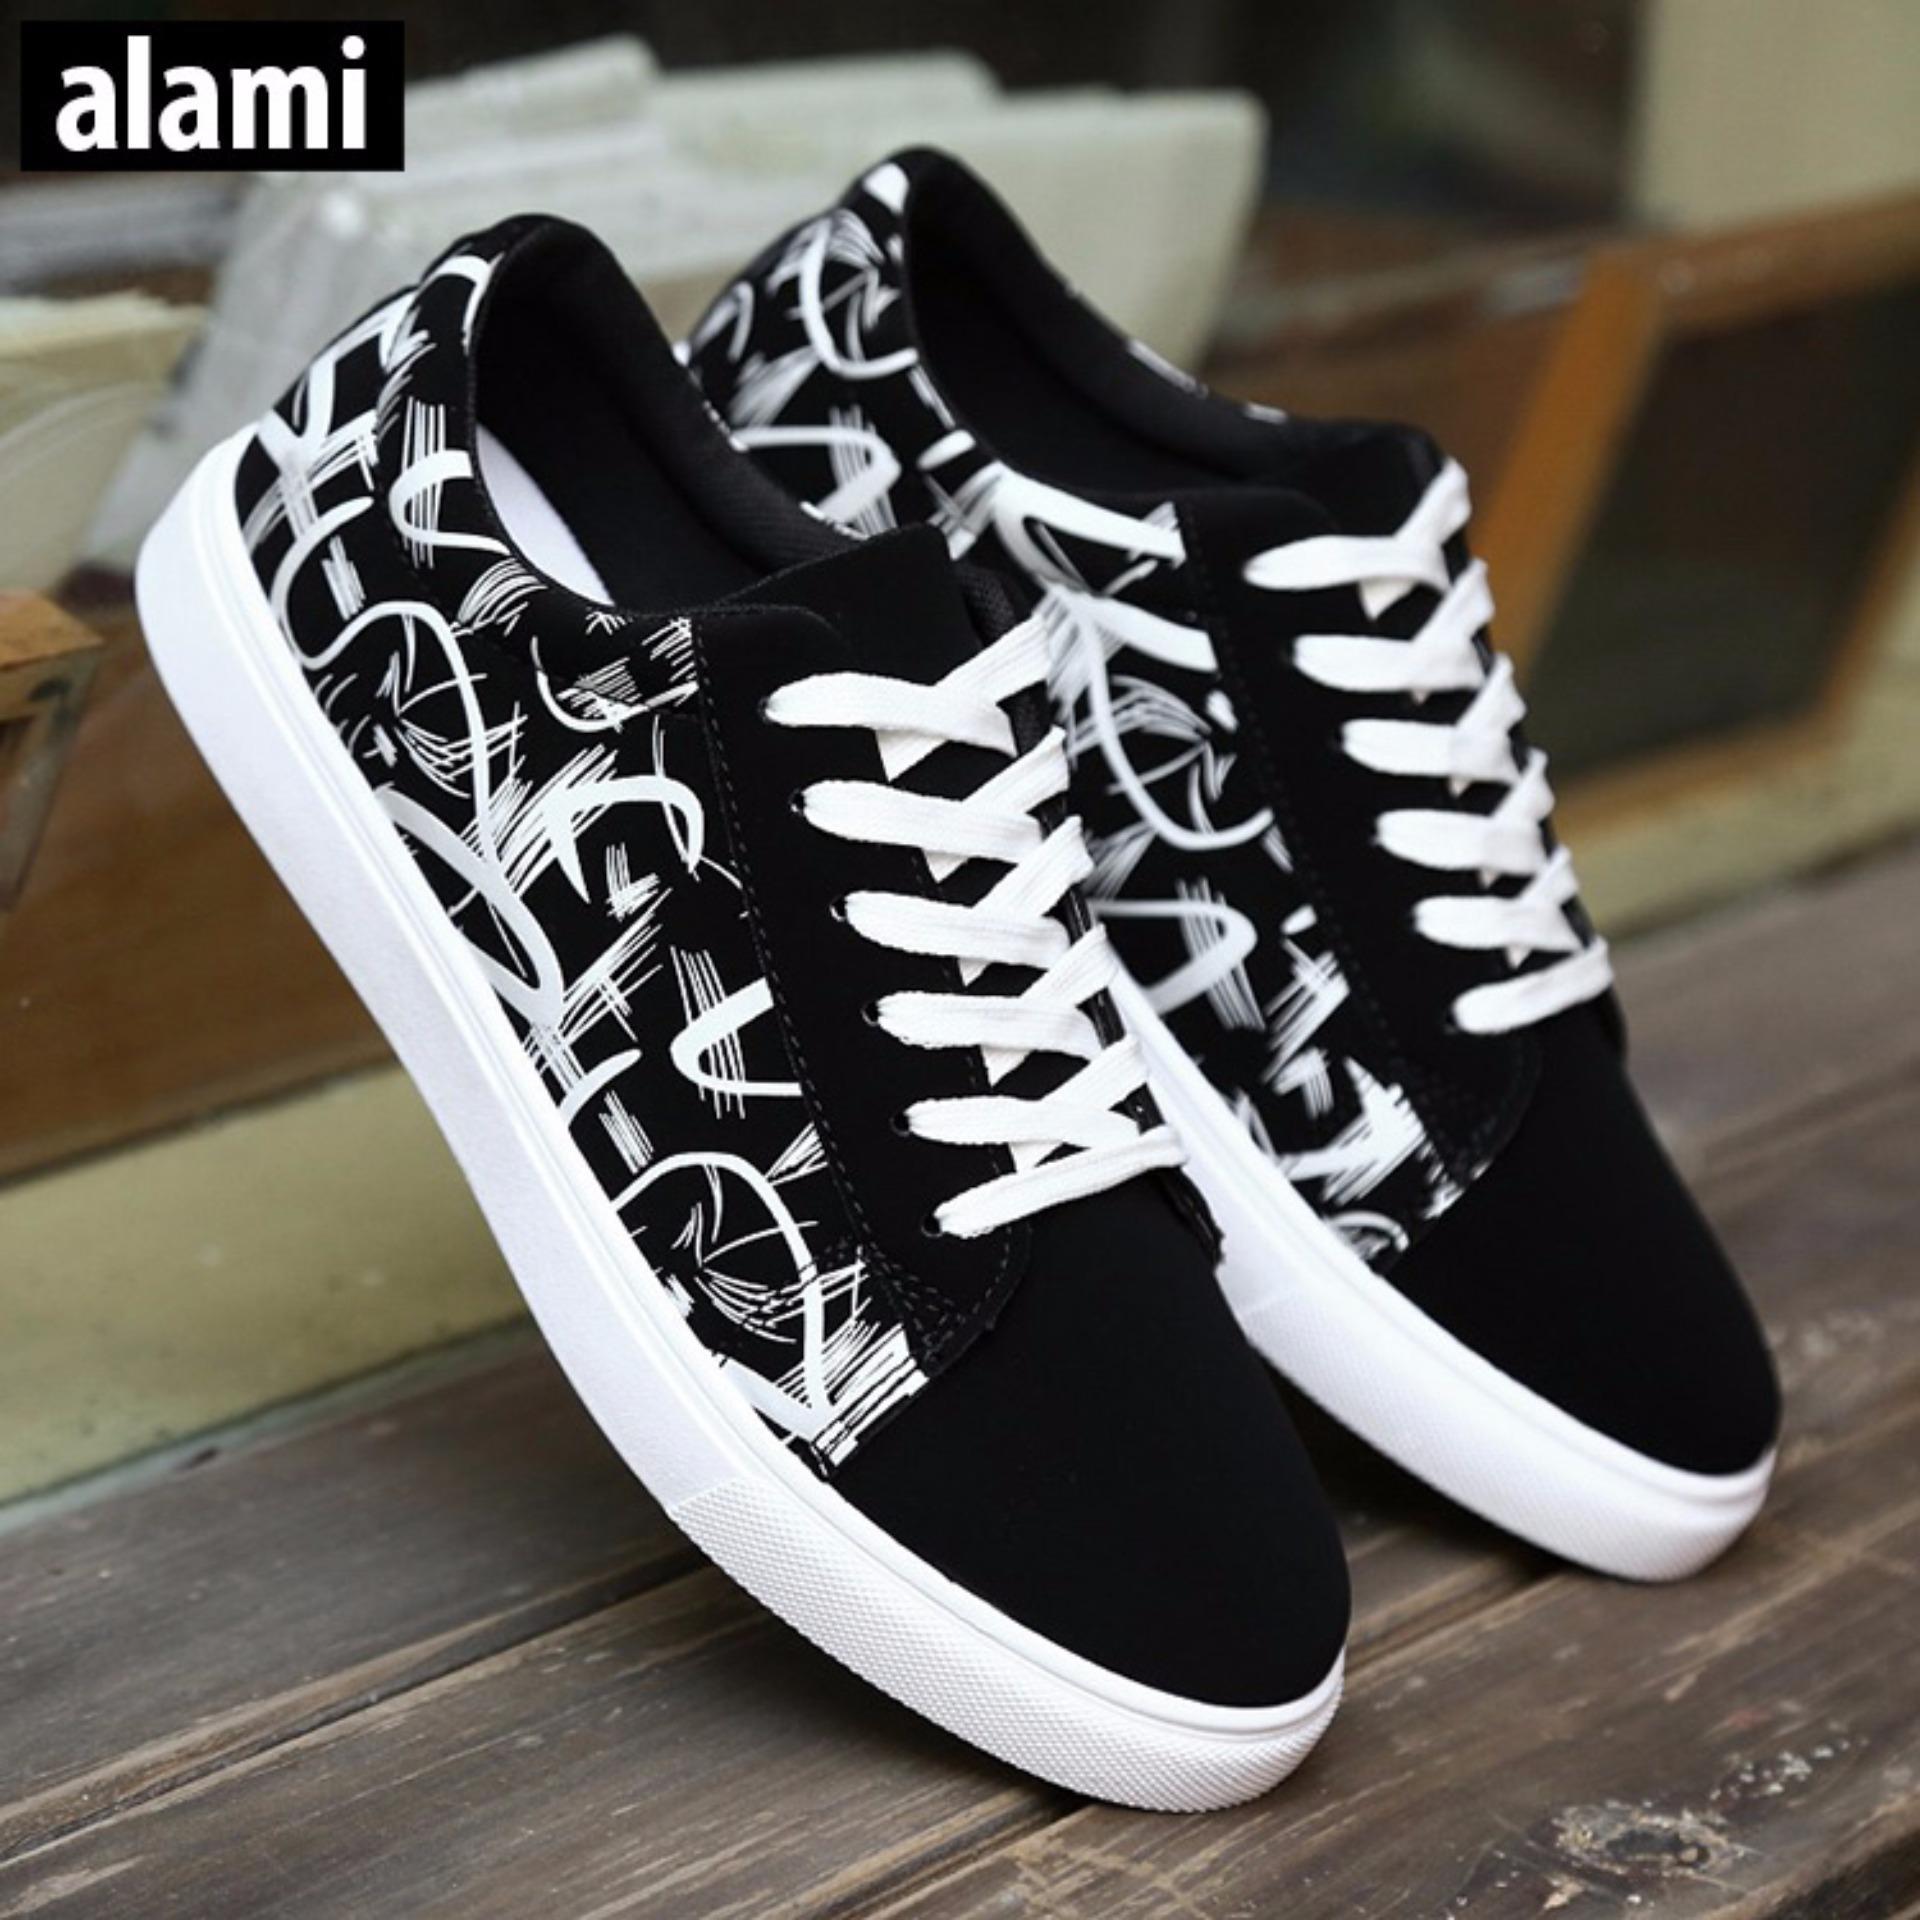 Giày Sneaker Thời Trang Nam Alami Gtt341